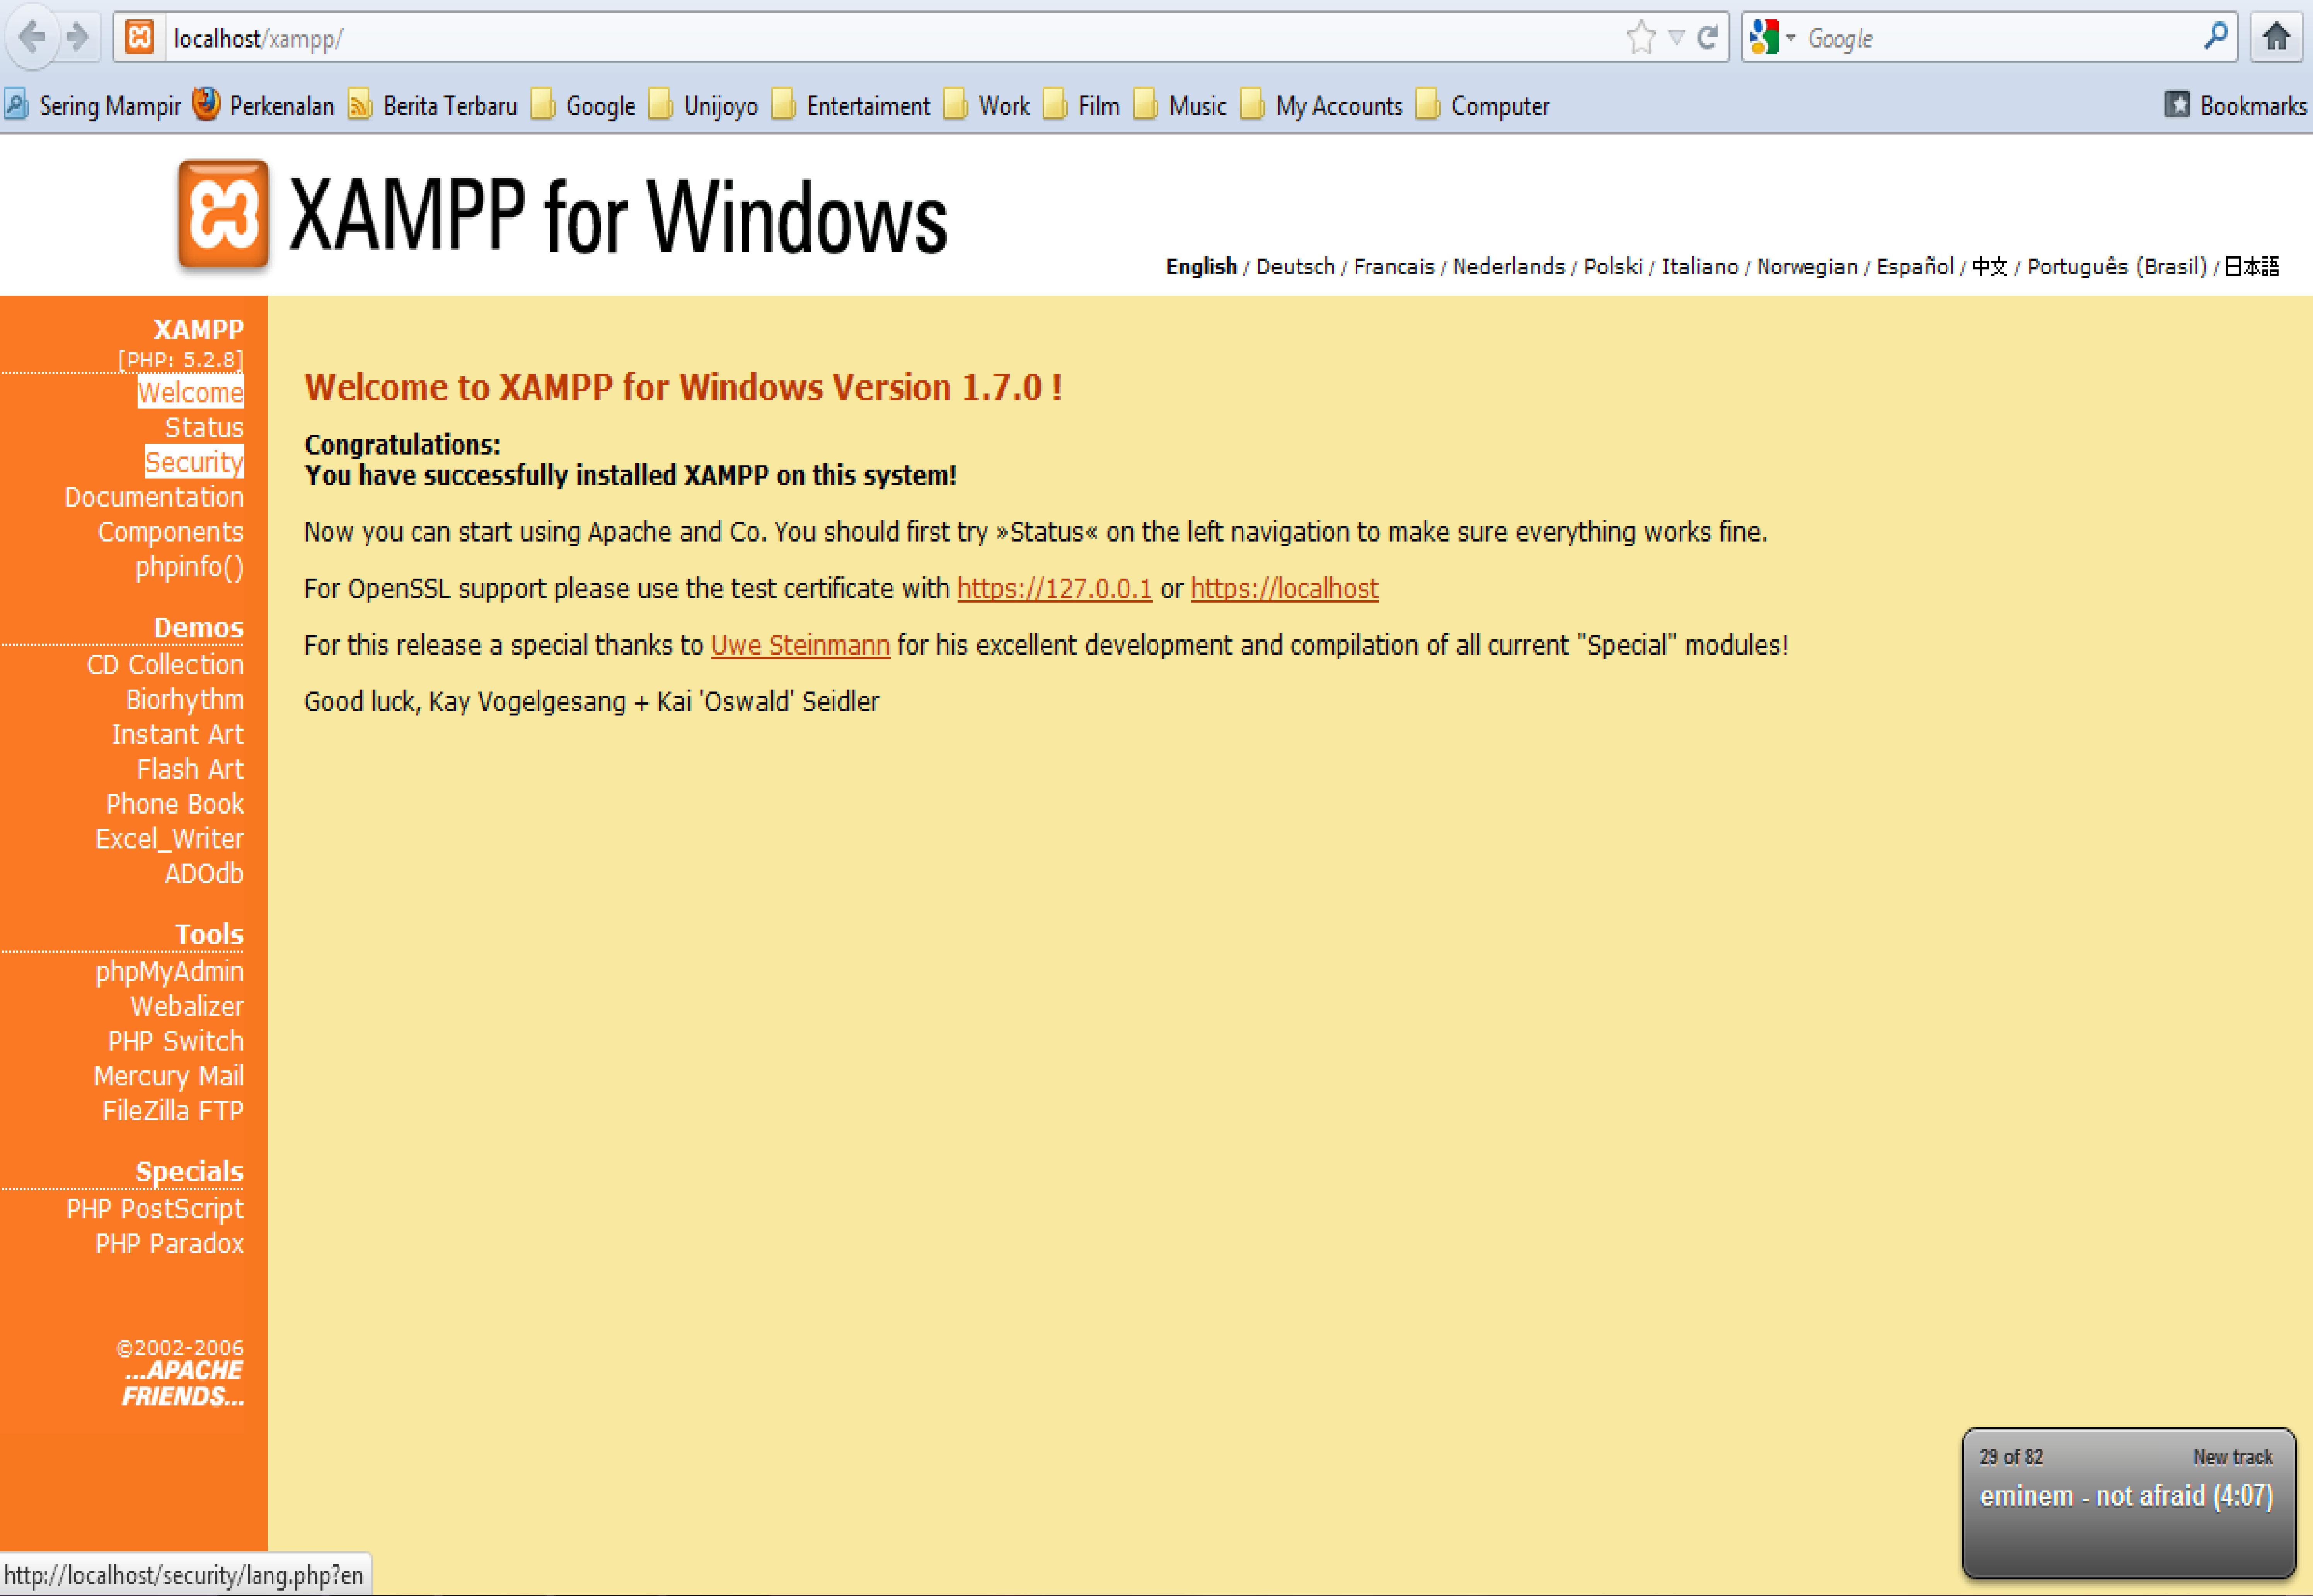 Если вы хотите, чтобы xampp автоматически запускался при перезагрузке системы, добавите в командной строке